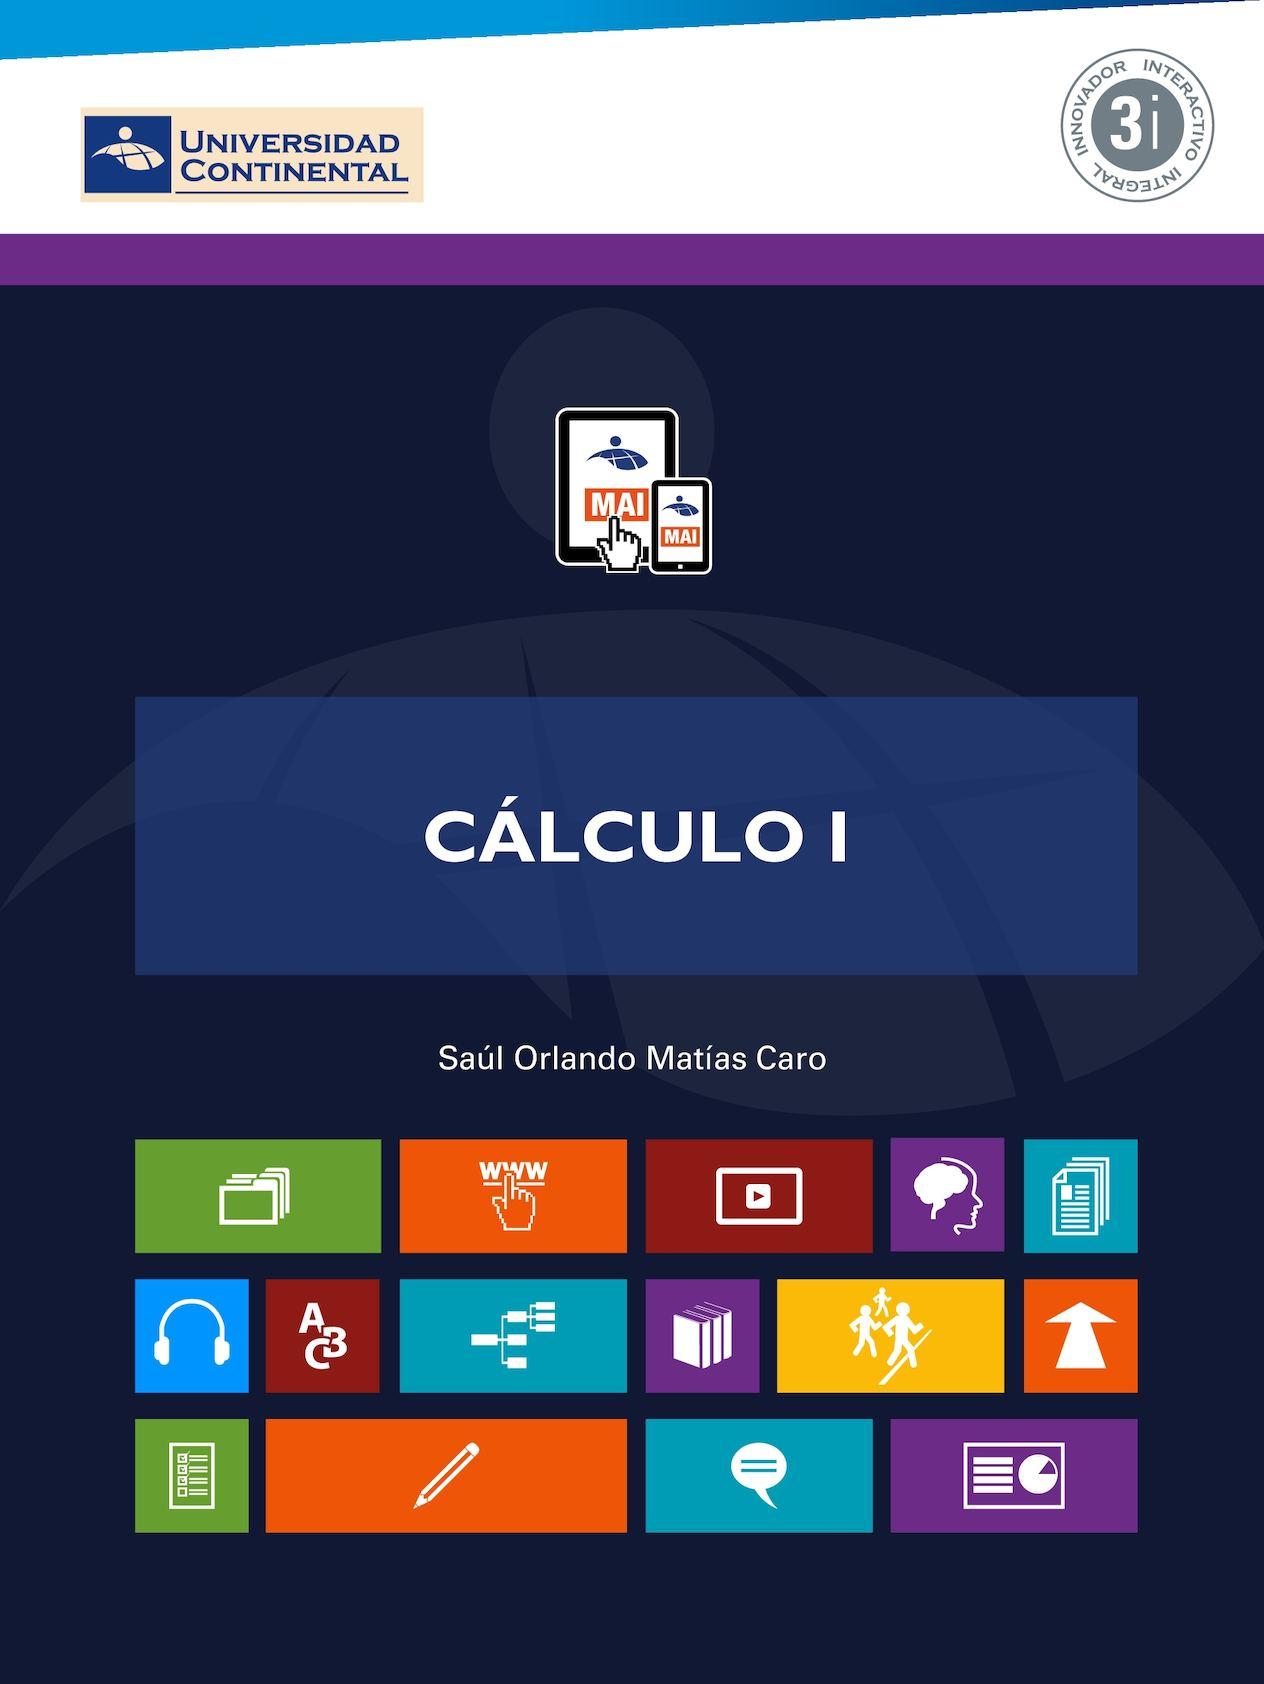 UC0065 MAI Calculo I ED1 V1 2015